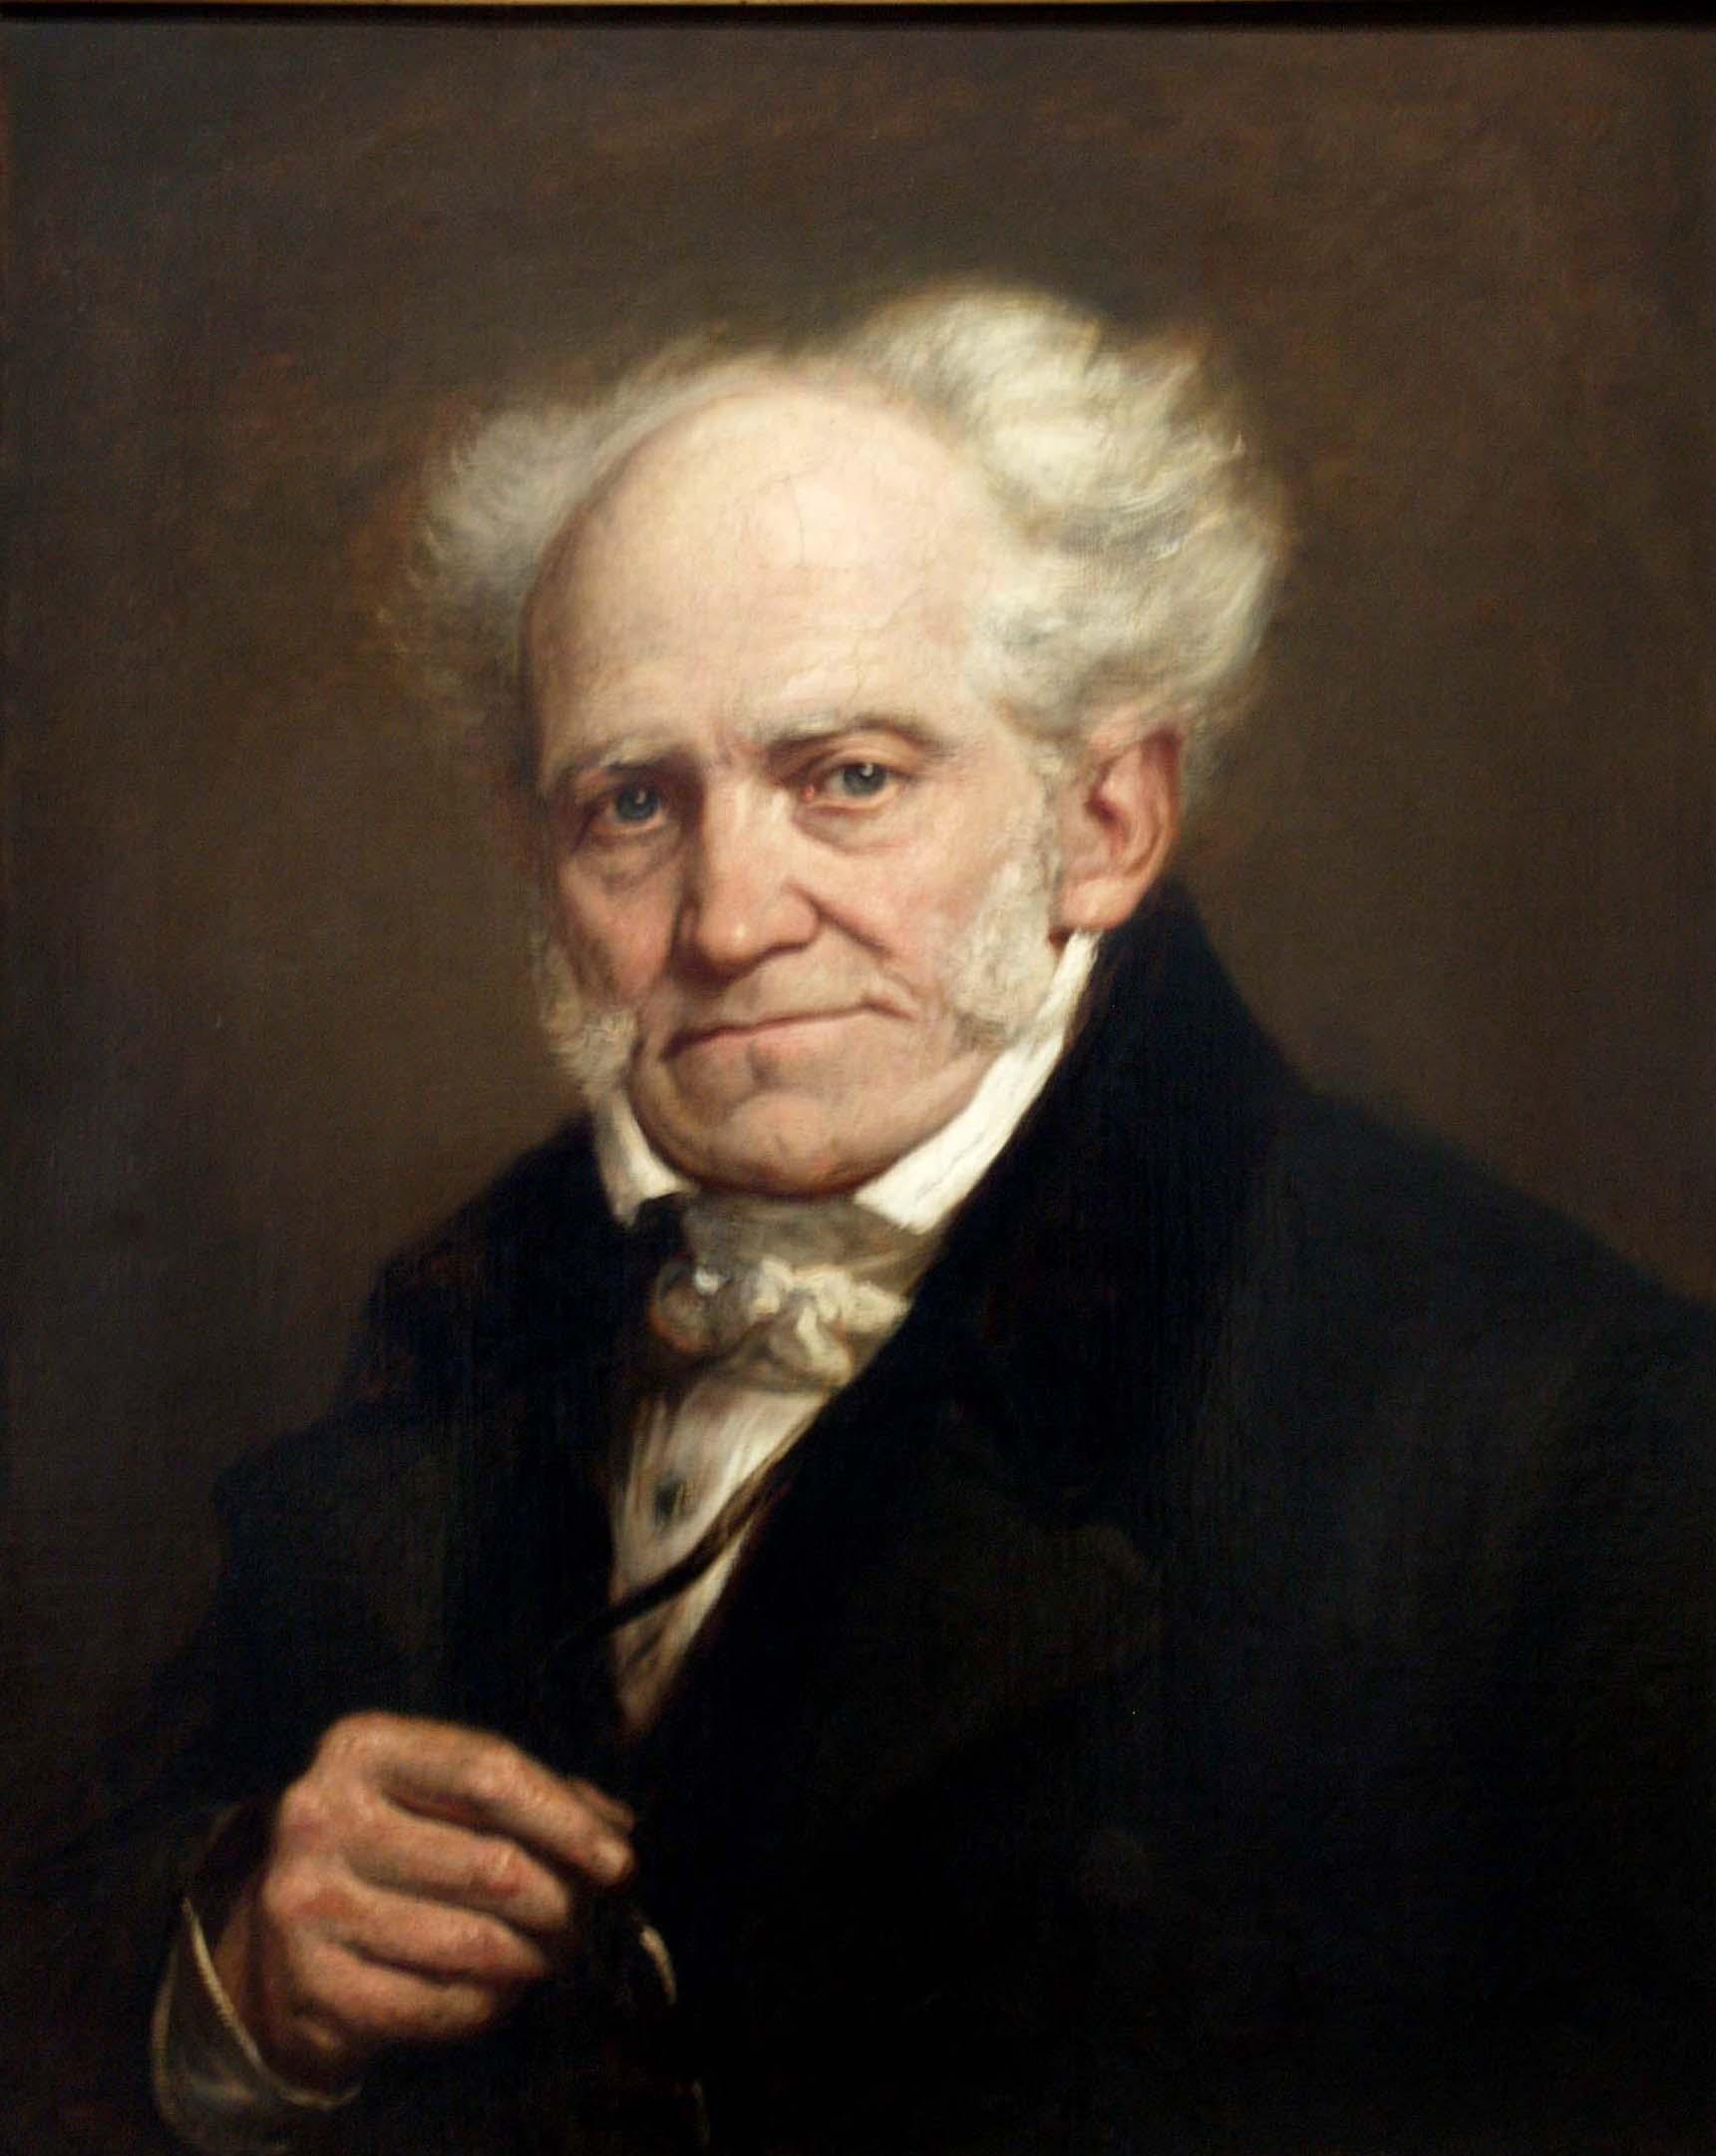 Schopenhauer foi um grande filósofo que teve suas obras reconhecidas mundialmente